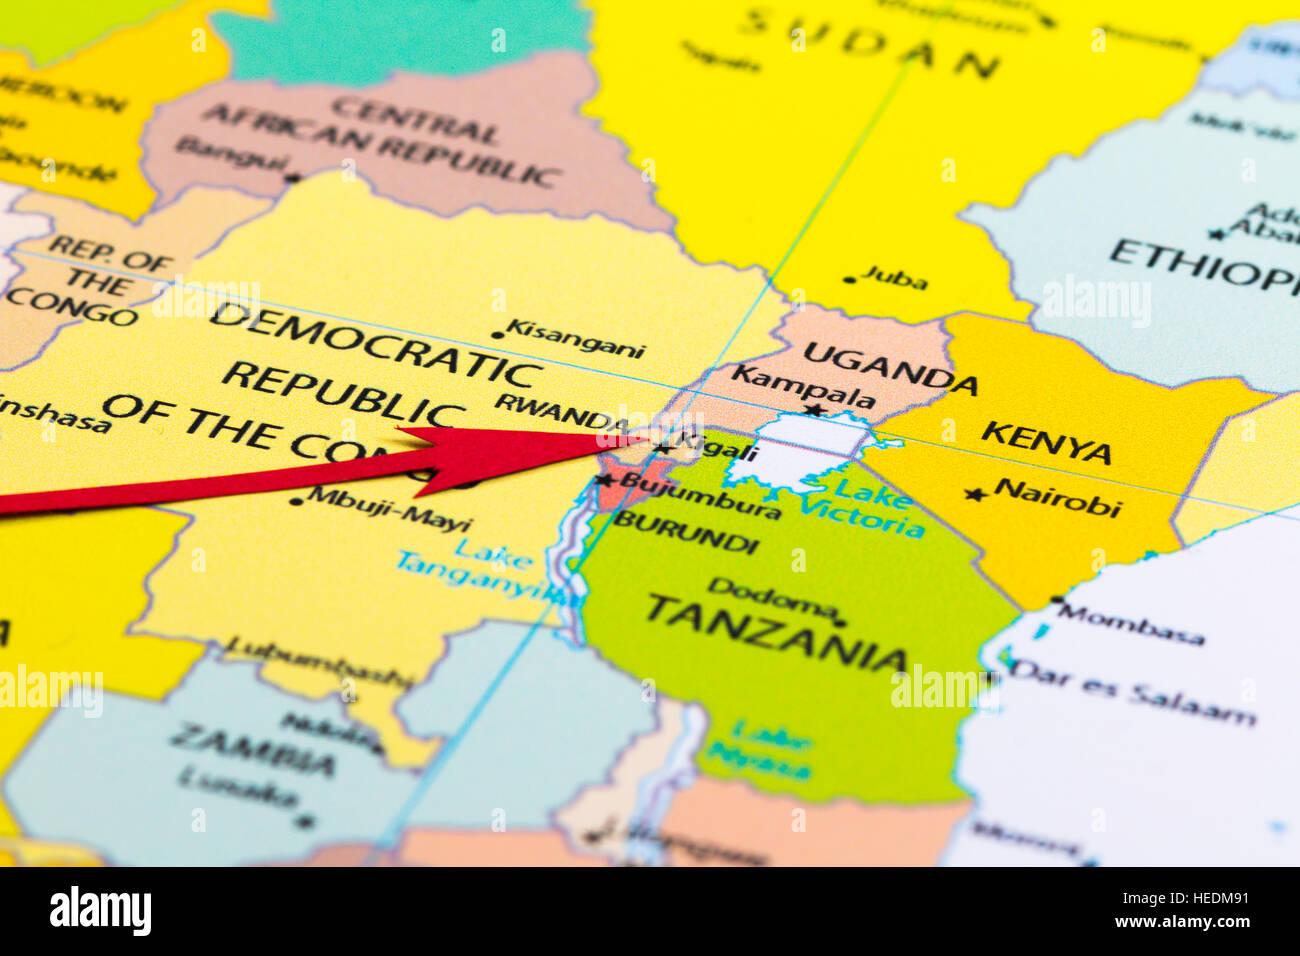 Carte Afrique Rwanda.Fleche Rouge Pointant Le Rwanda Sur La Carte De L Afrique